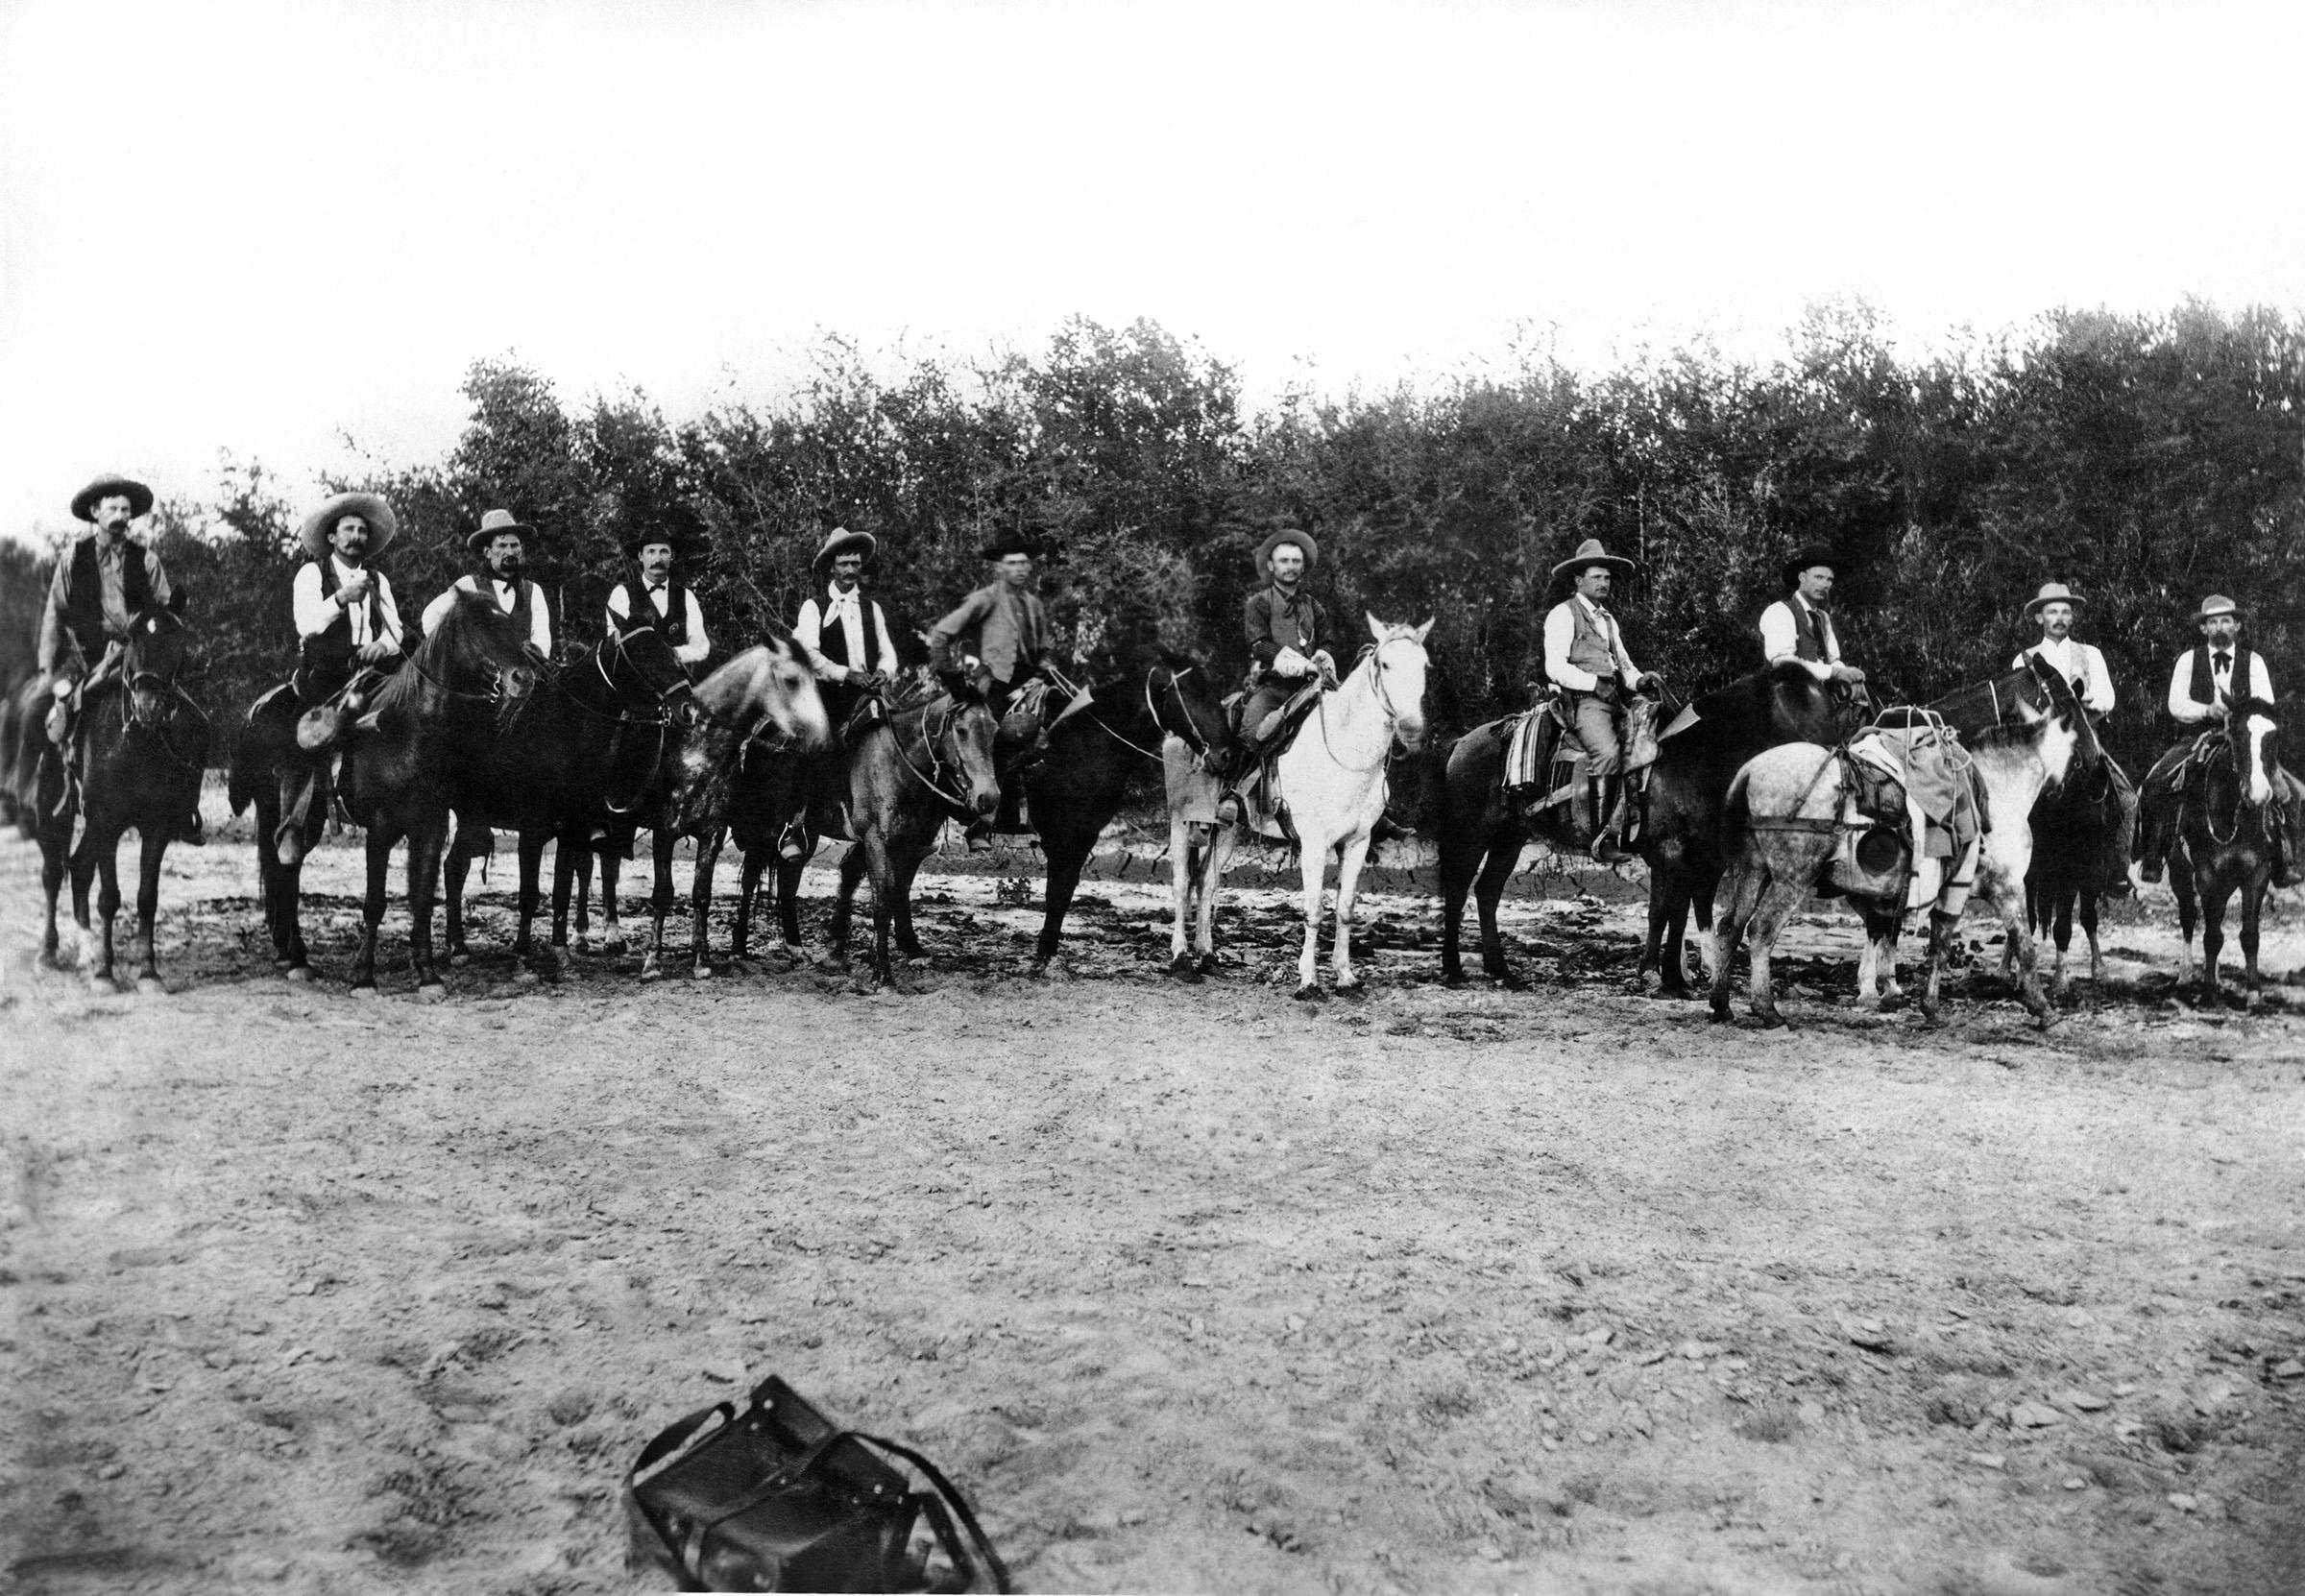 A Frontier Battalion of the Texas Rangers, Lela, Texas, circa 1885.